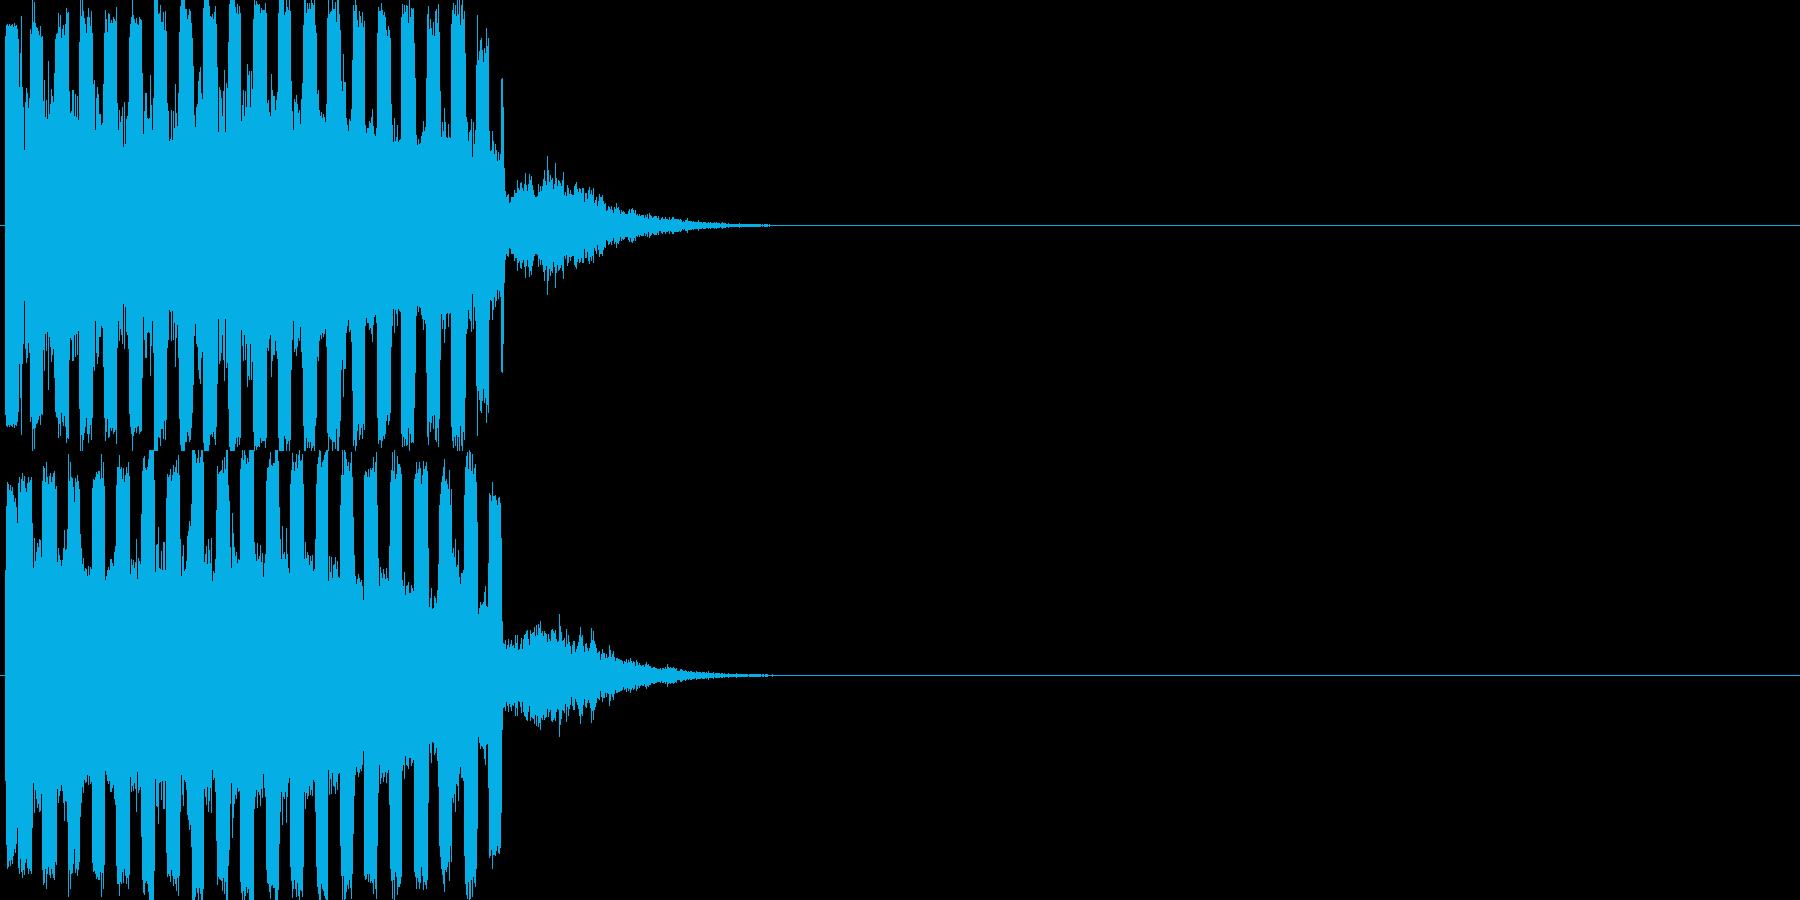 魔法 ゲーム アプリ ギロギロの再生済みの波形